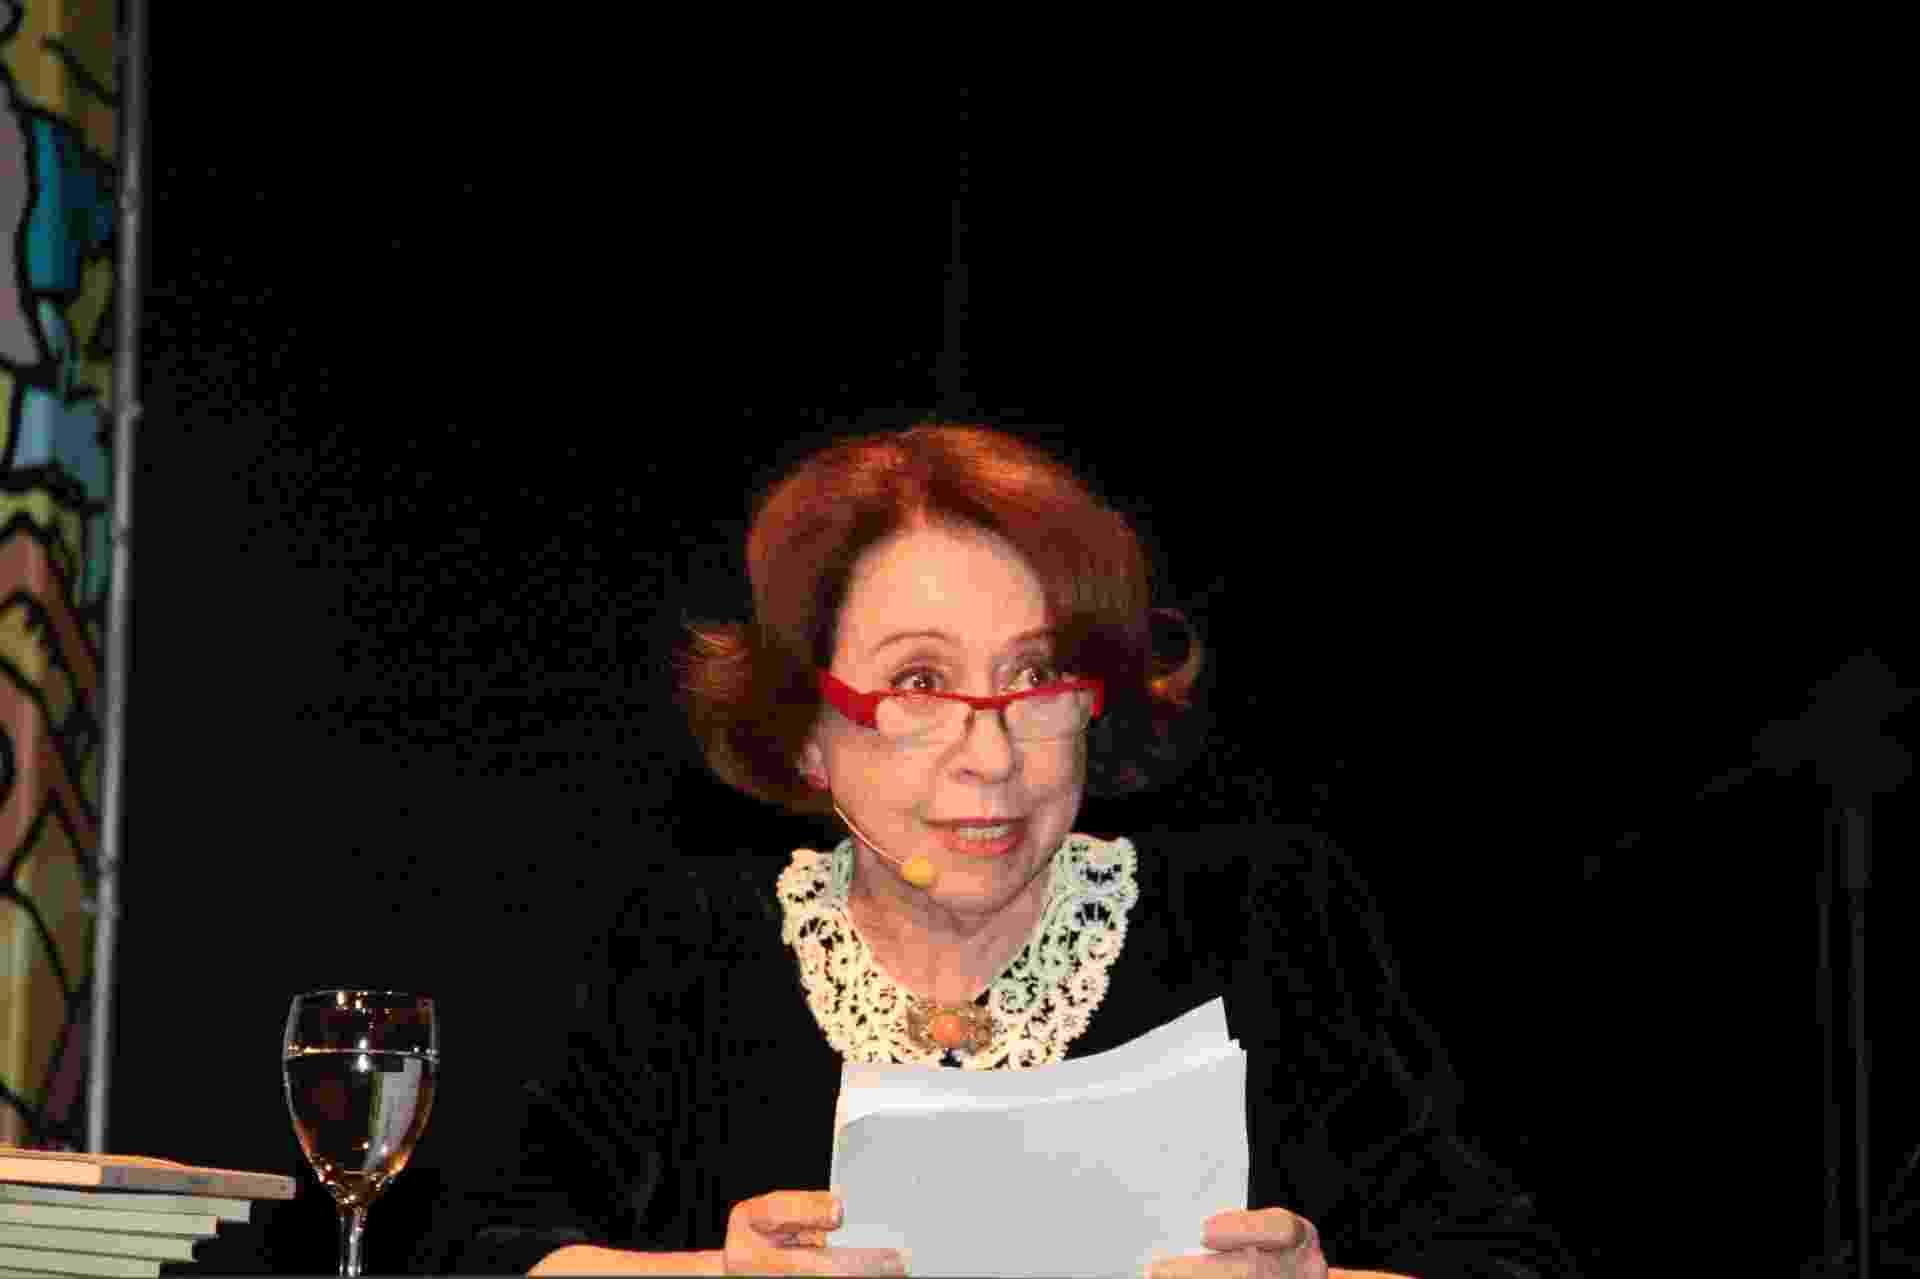 22.ago.2014 - A atriz Fernanda Montenegro faz leitura de sermões de Padre Antônio Vieira na abertura da 23ª Bienal Internacional do Livro de São Paulo no Auditório Elis Regina do Anhembi - Divulgação